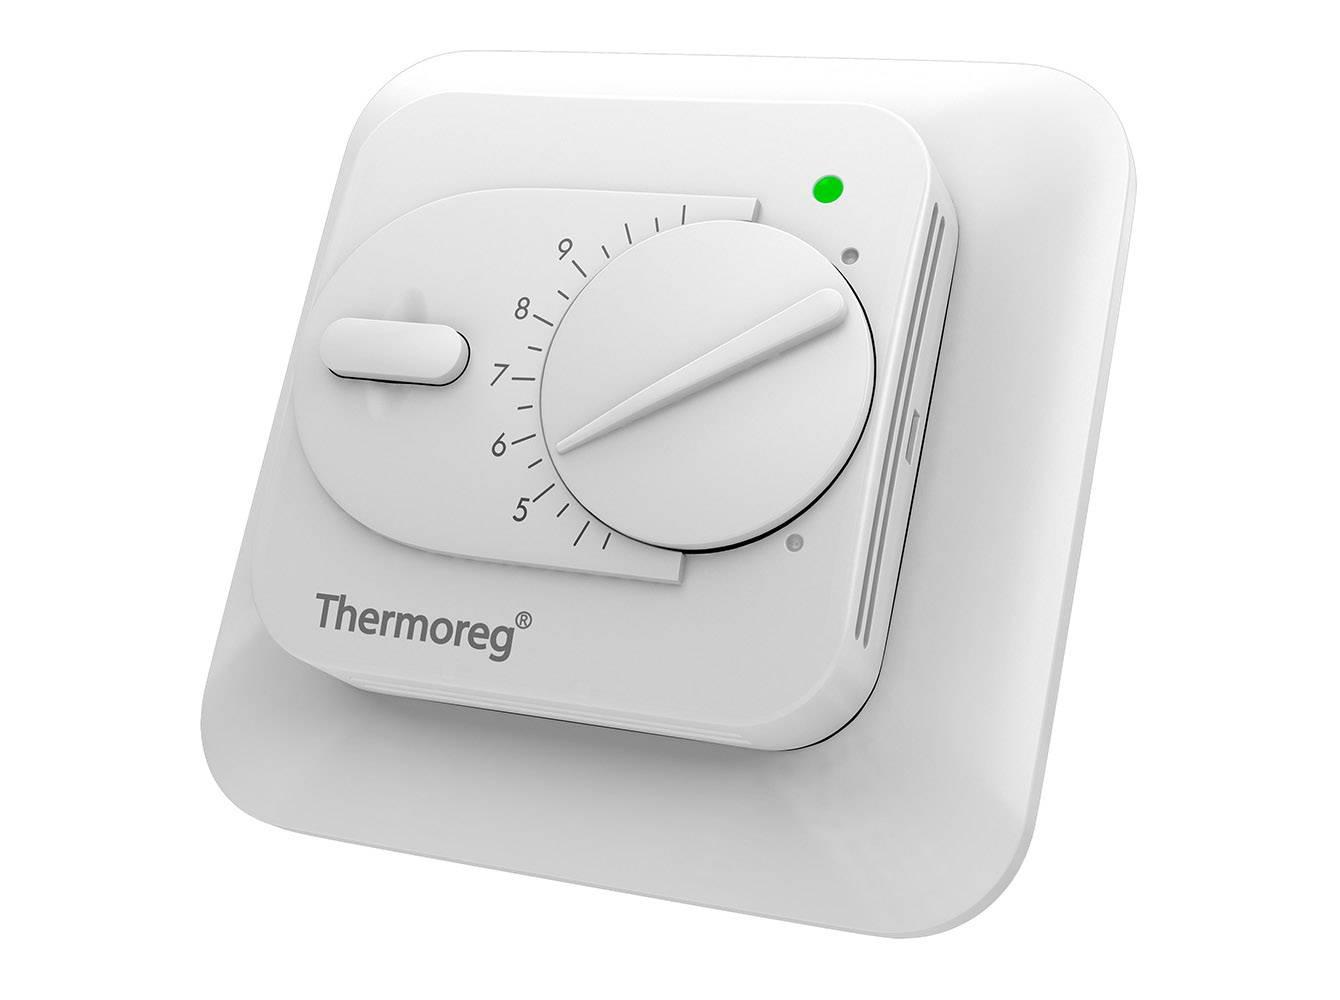 Как выбрать термостат для теплого пола, назначение и устройство термостатического клапана и термоголовка, особенности подключения прибора, смотрите фото и видео - сайт о строительстве